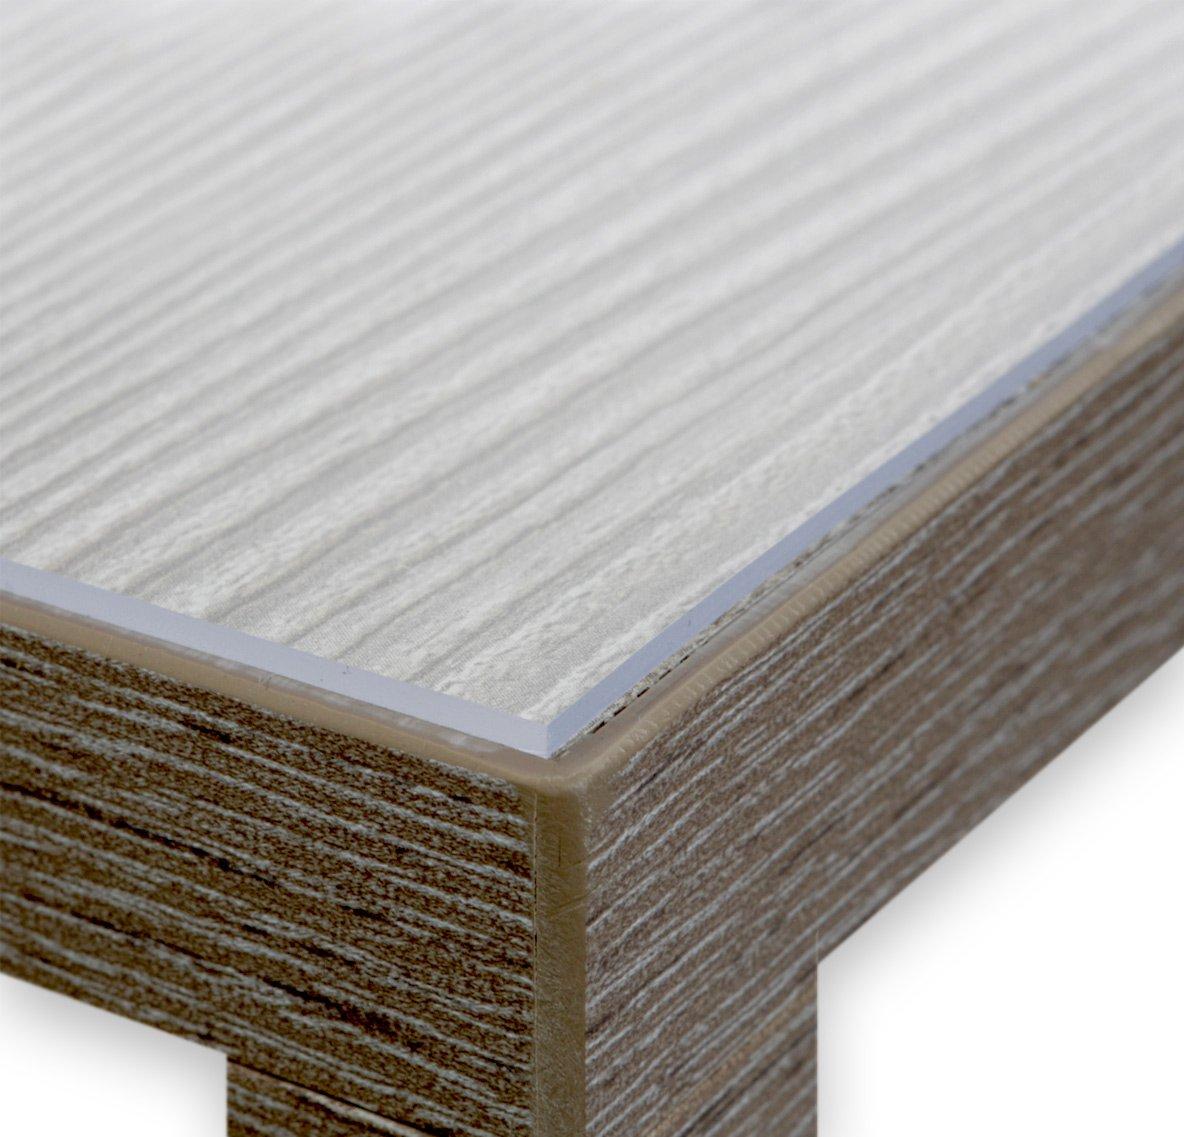 Glasklar Folie 2,0 mm transparente Tischdecke Tischschutz Lebensmittelgeeignet, Breite und Länge wählbar, 110x360 cm